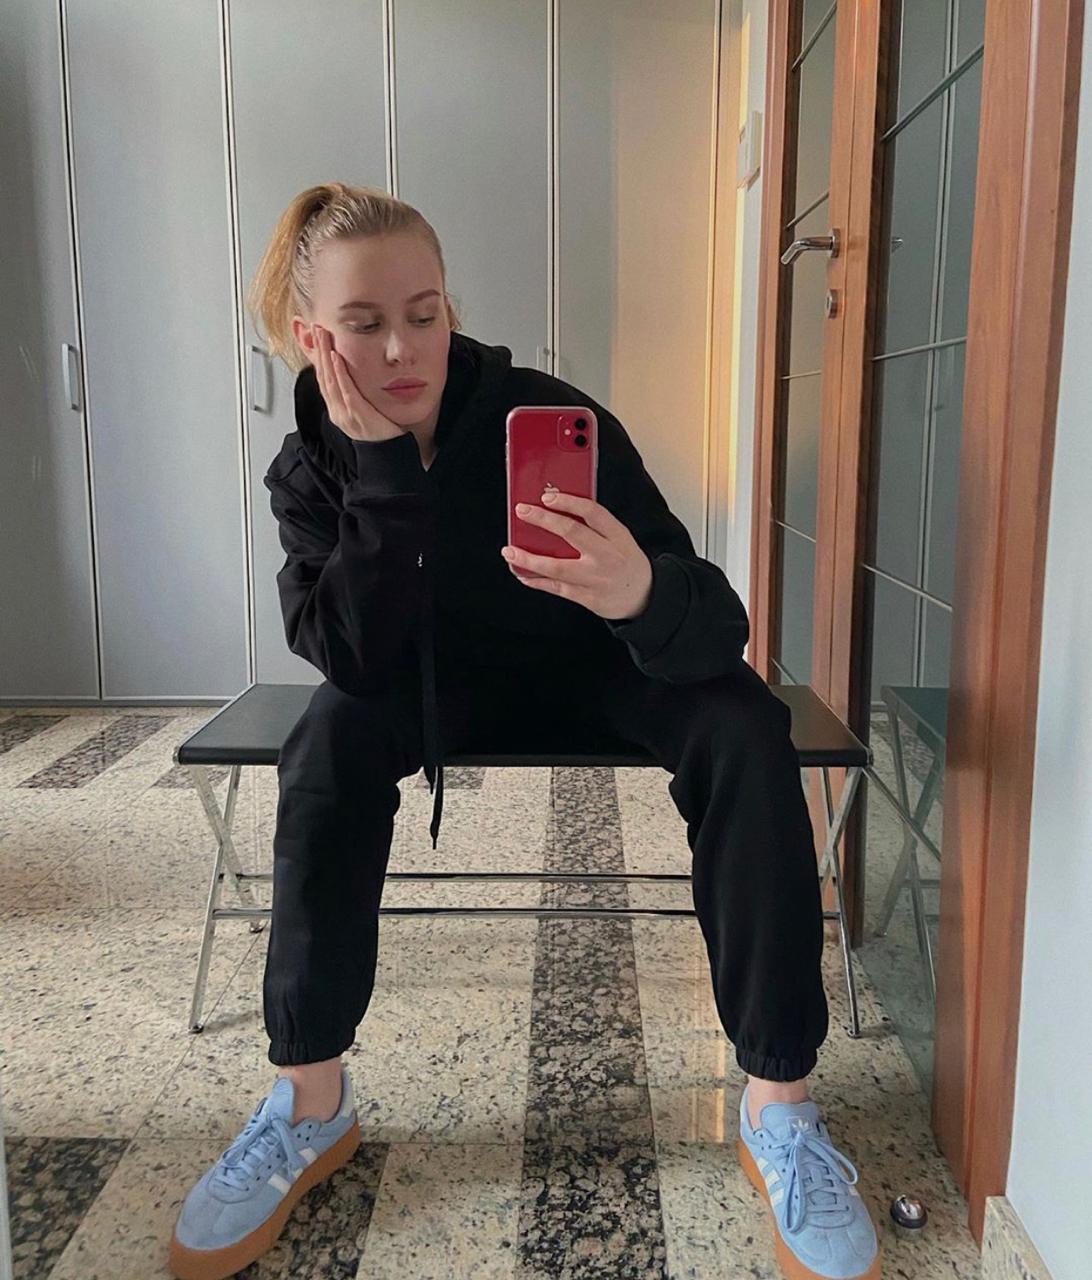 Дочь президента федерации спортивной борьбы России Михаила Мамиашвили Лиза: кеды Adidas Tyshawn, от 7 499 руб. (Фото: @lizamamik)